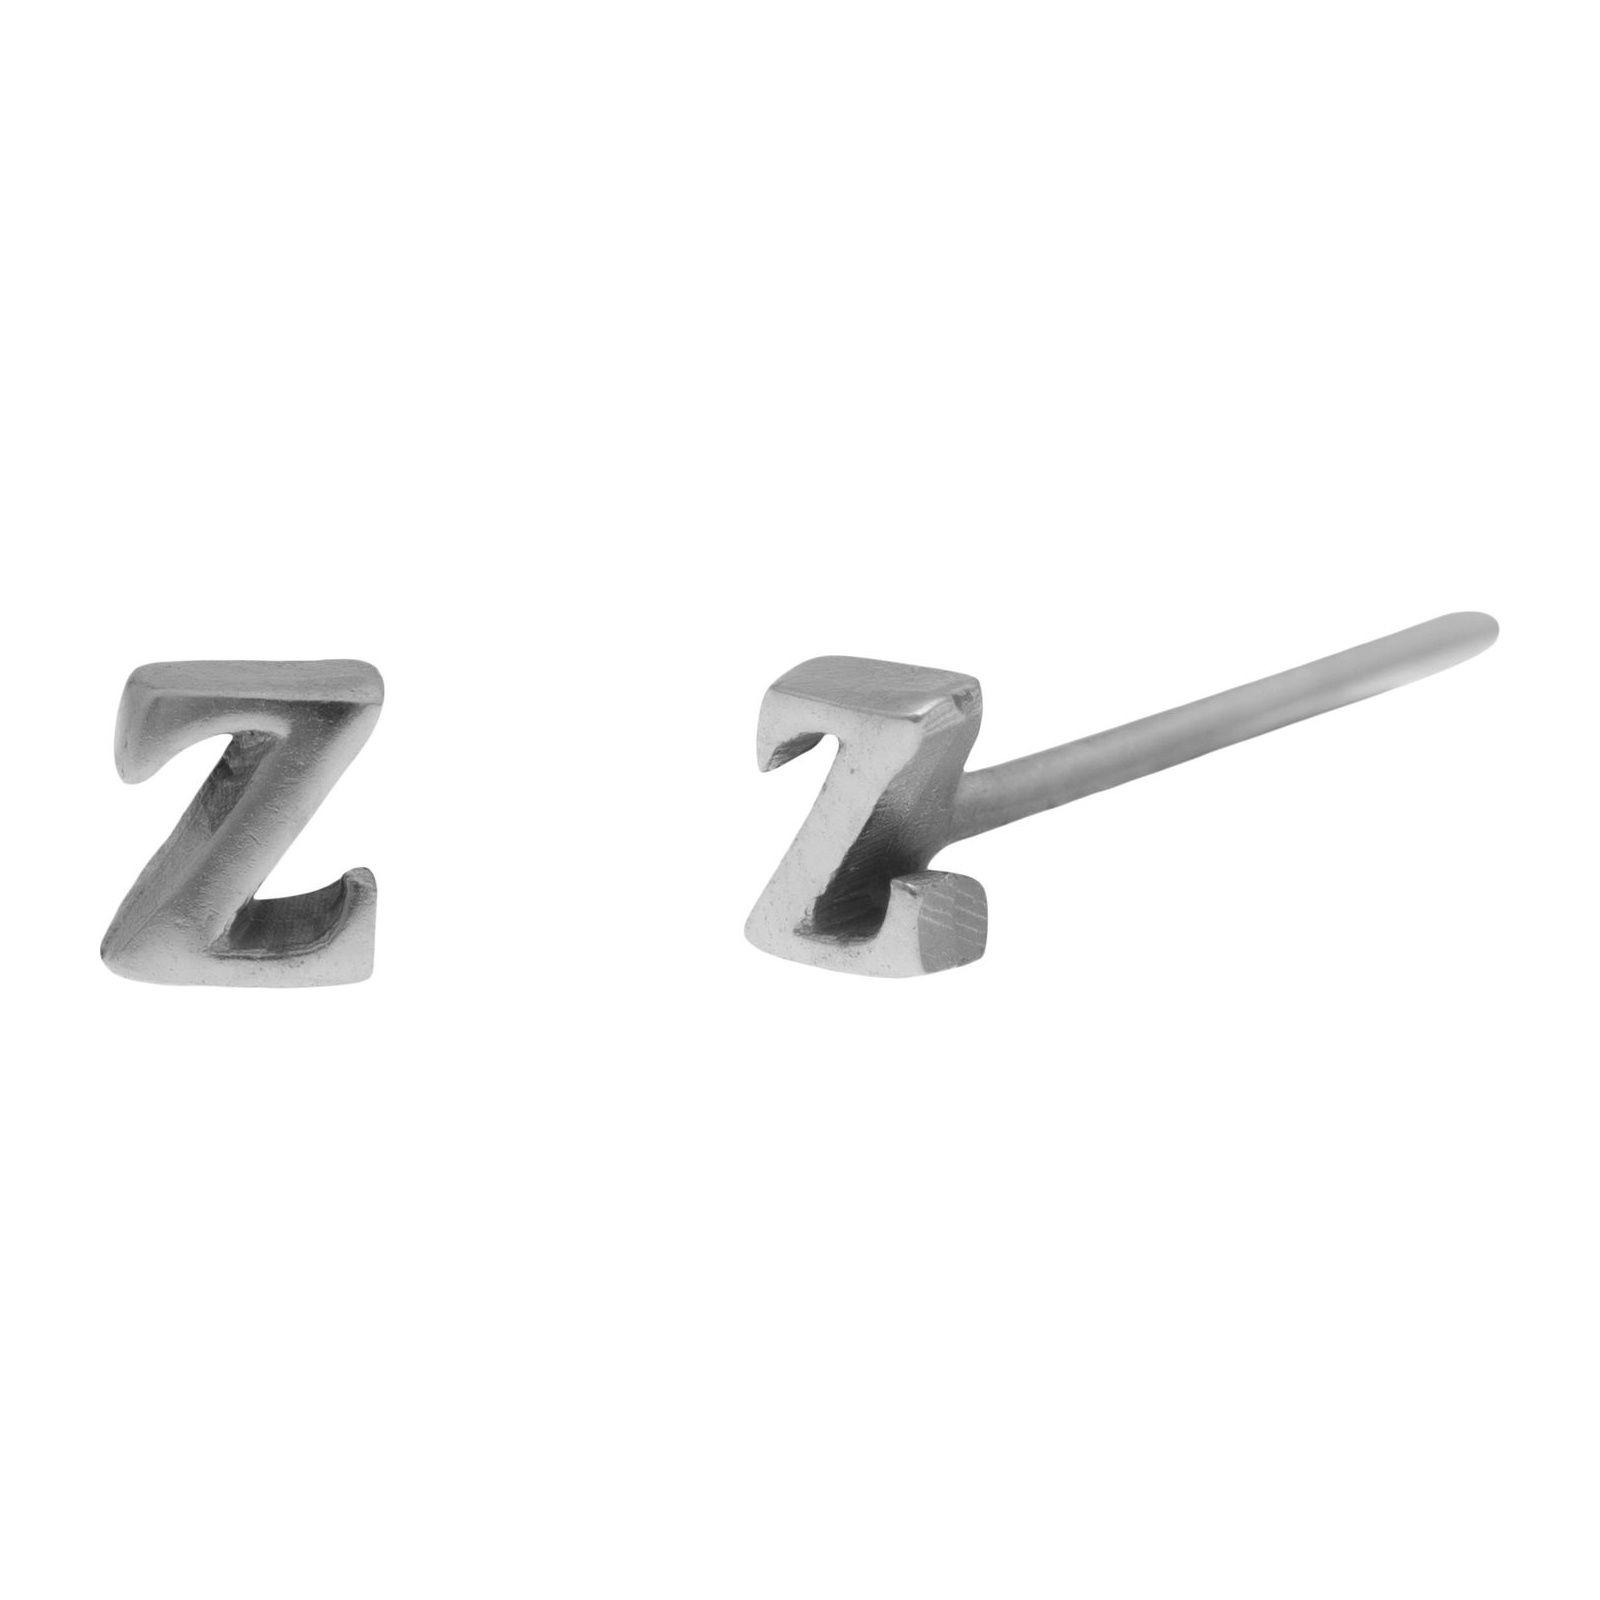 Brinco Unitário Inicial Z - Prateado